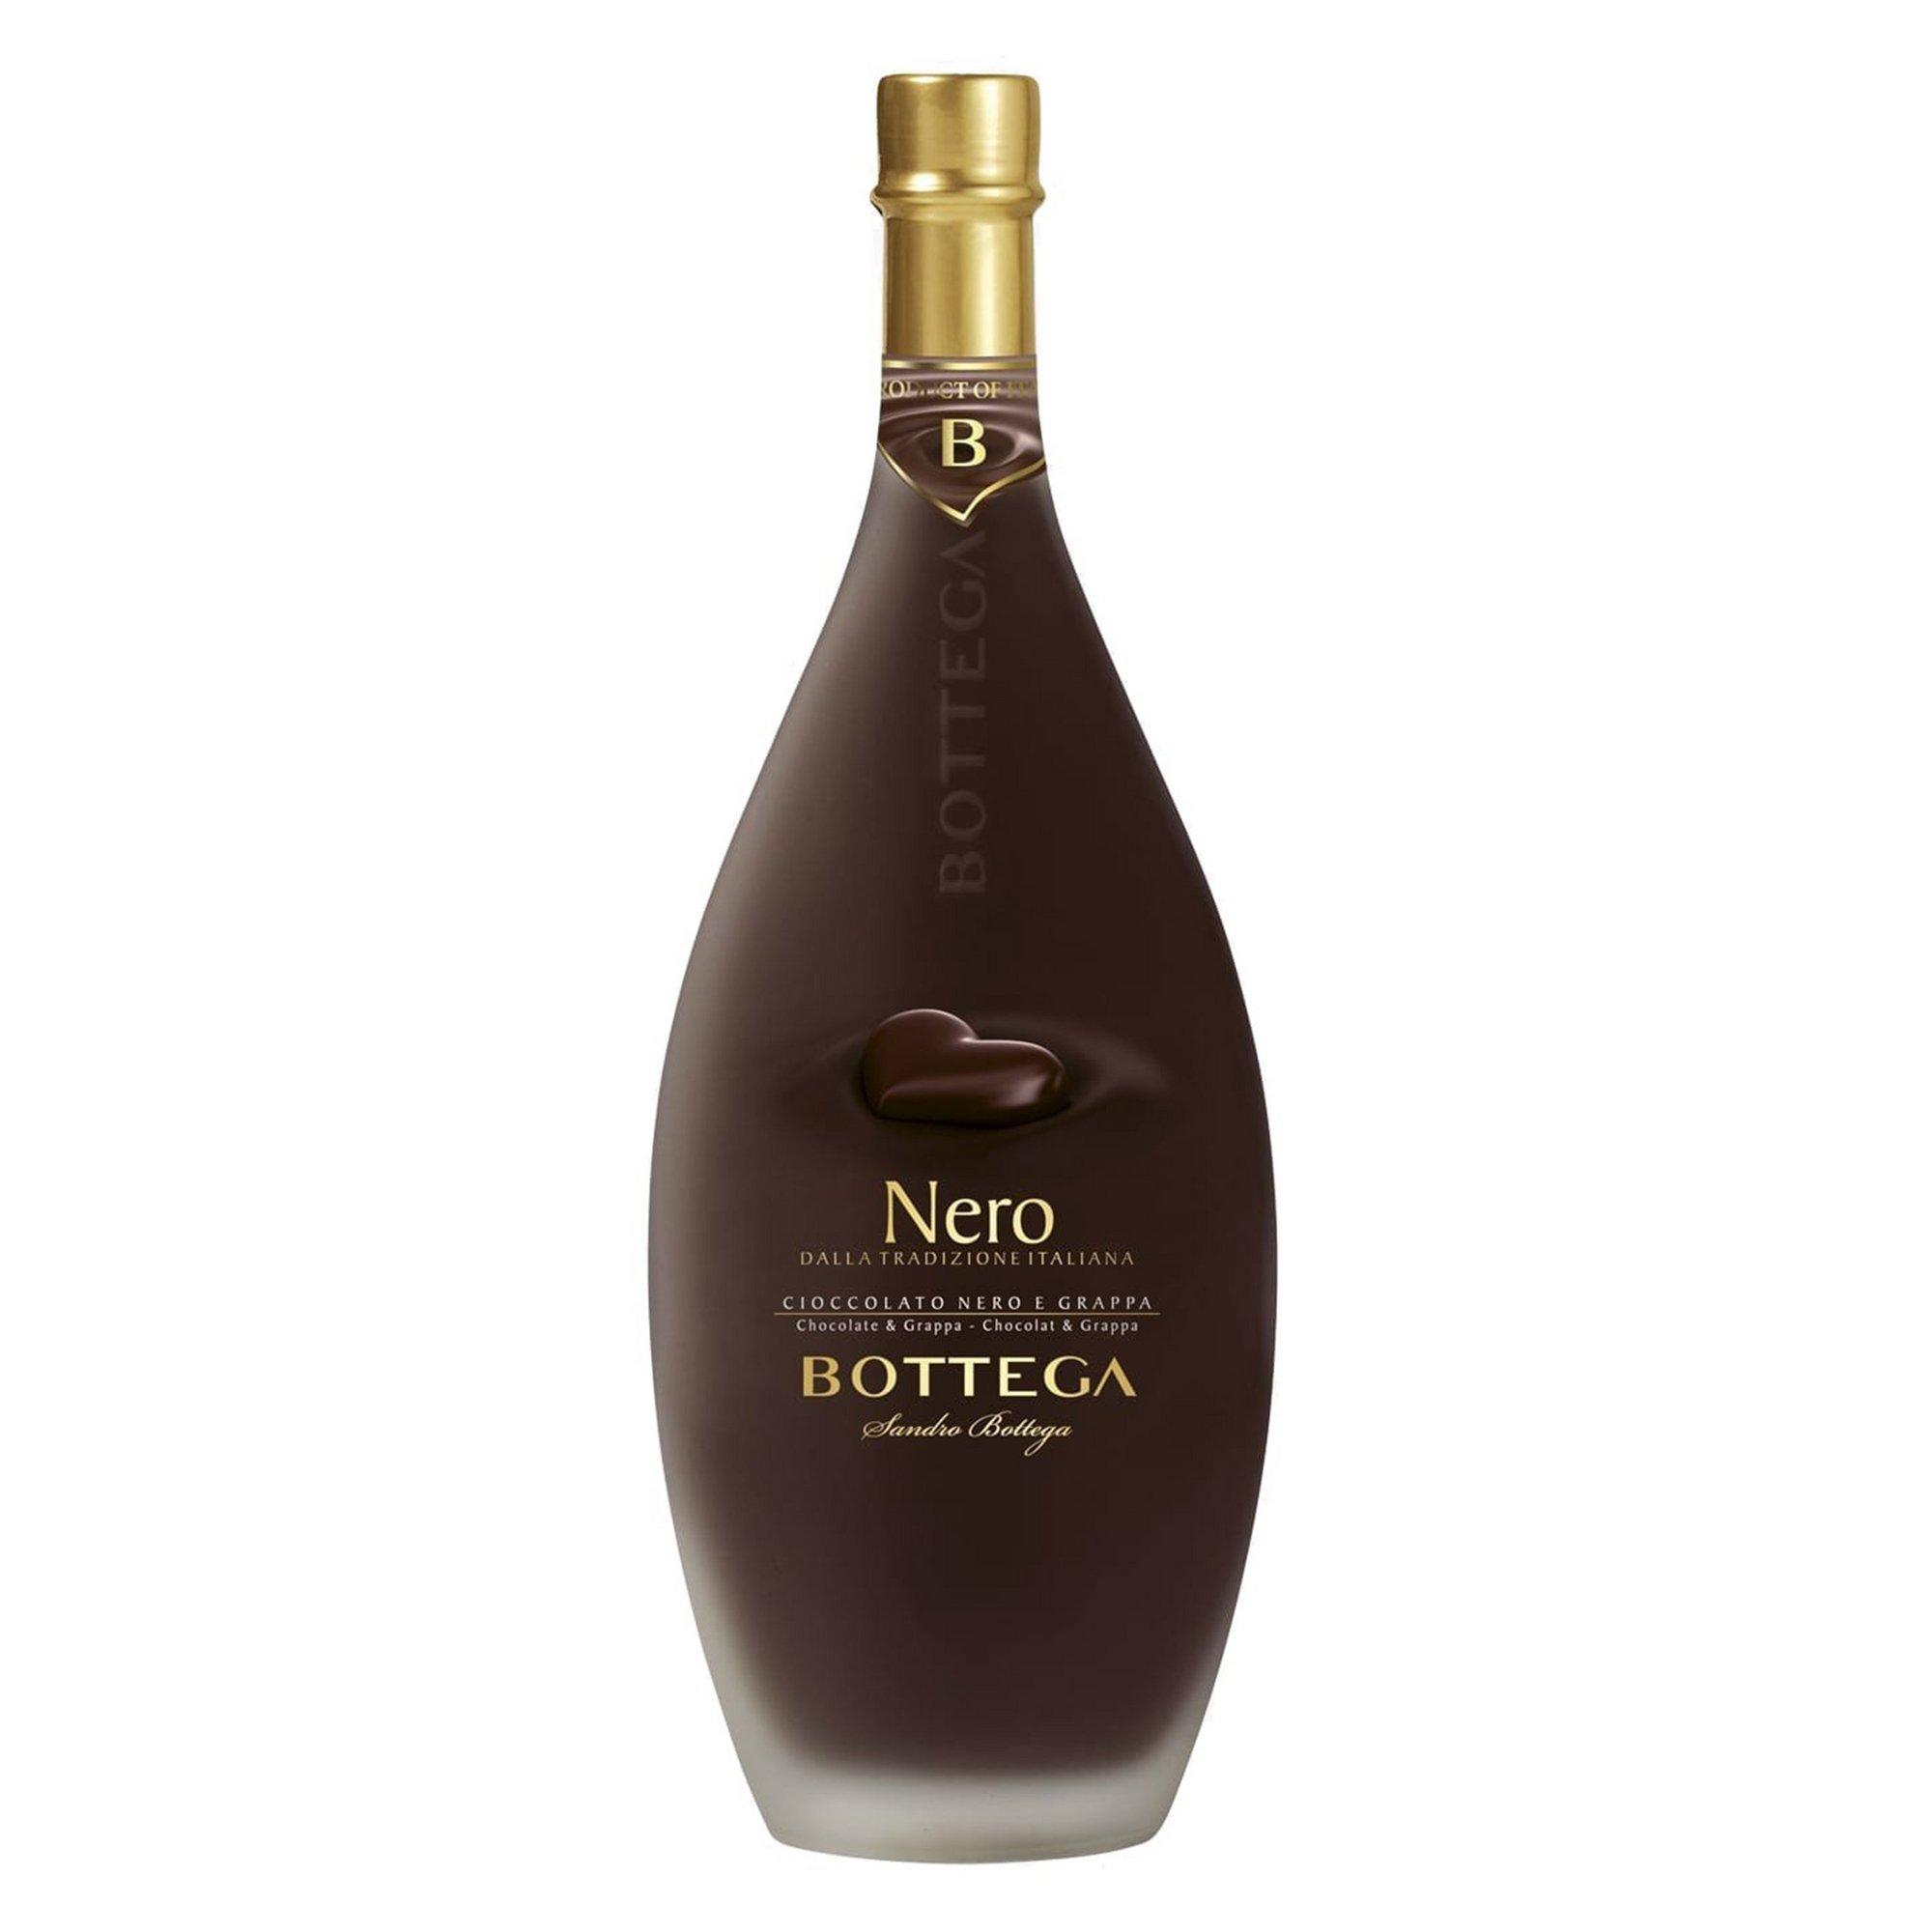 Image of Bottega Dark Chocolate Liqueur 50cl